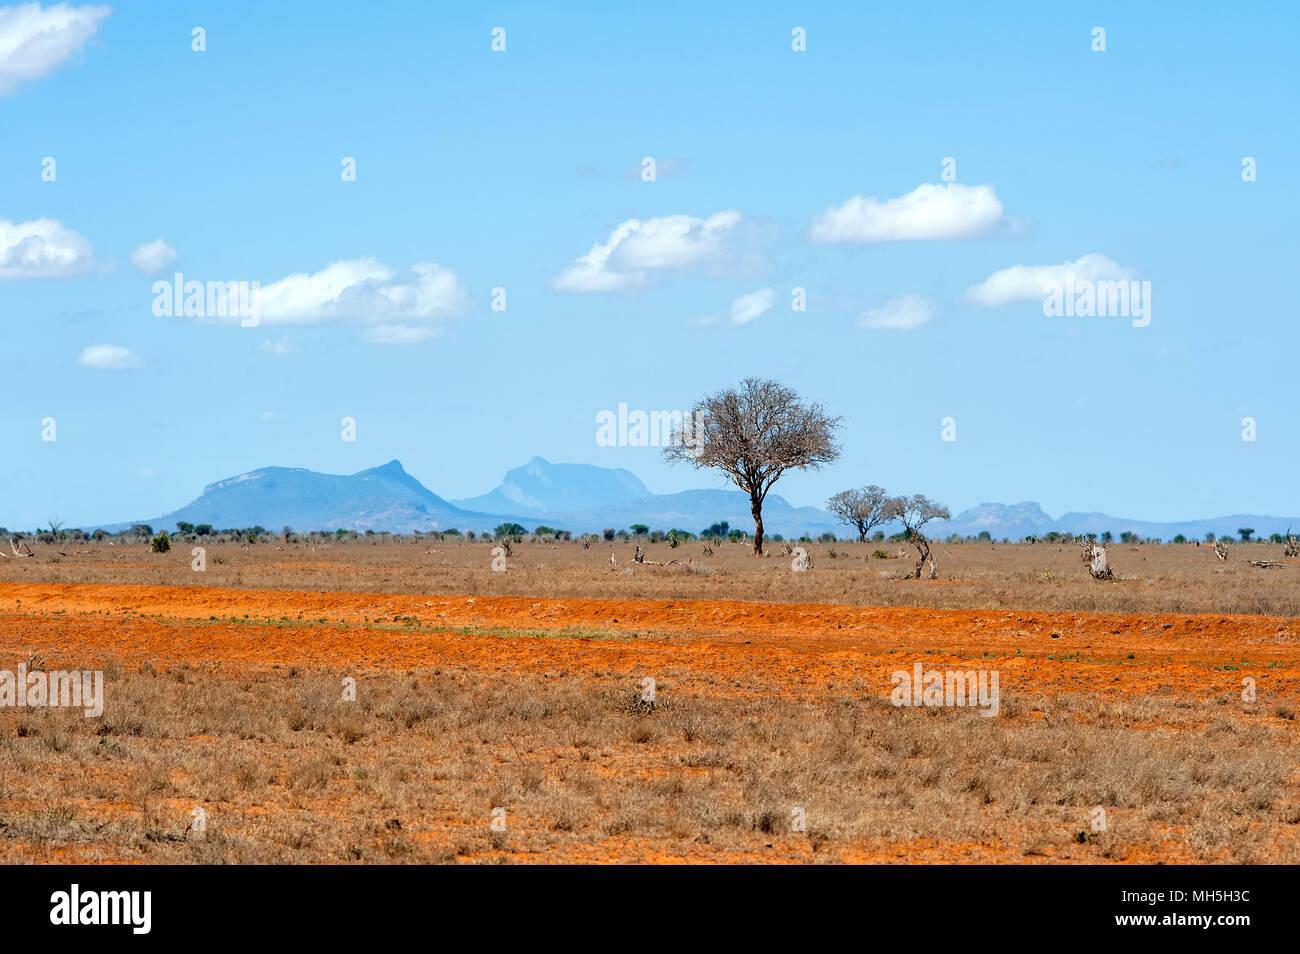 Wunderschöne Landschaft mit niemand Baum in Afrika Stockbild